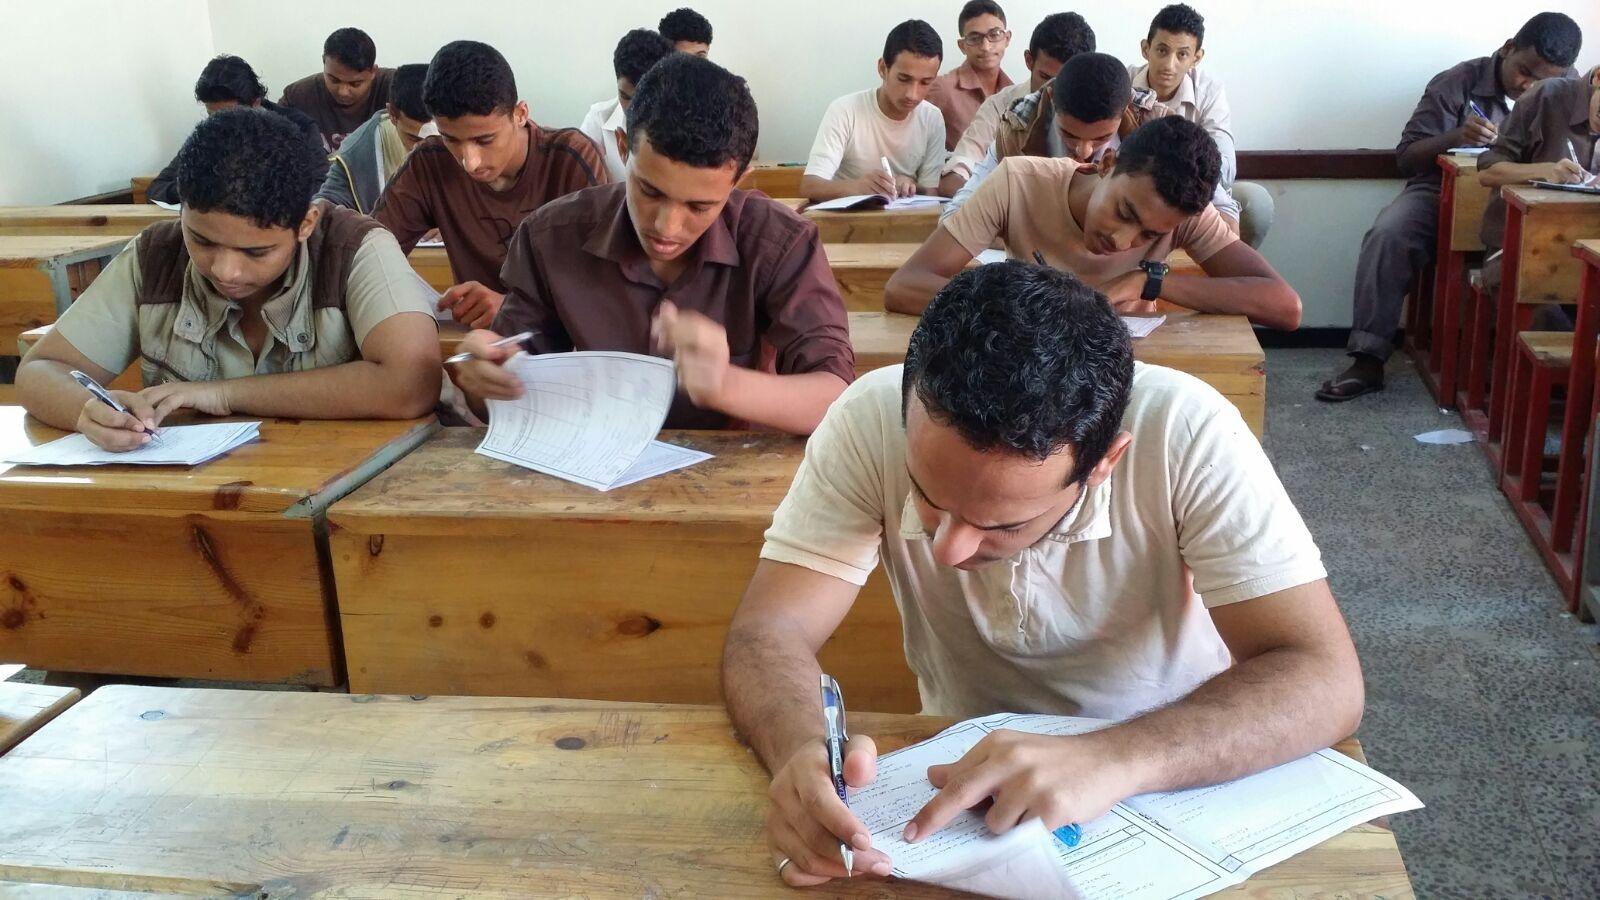 119 طالبا بالثانوية العامة يحصلون على الدرجة النهائية في اللغة الأجنبية الأولى